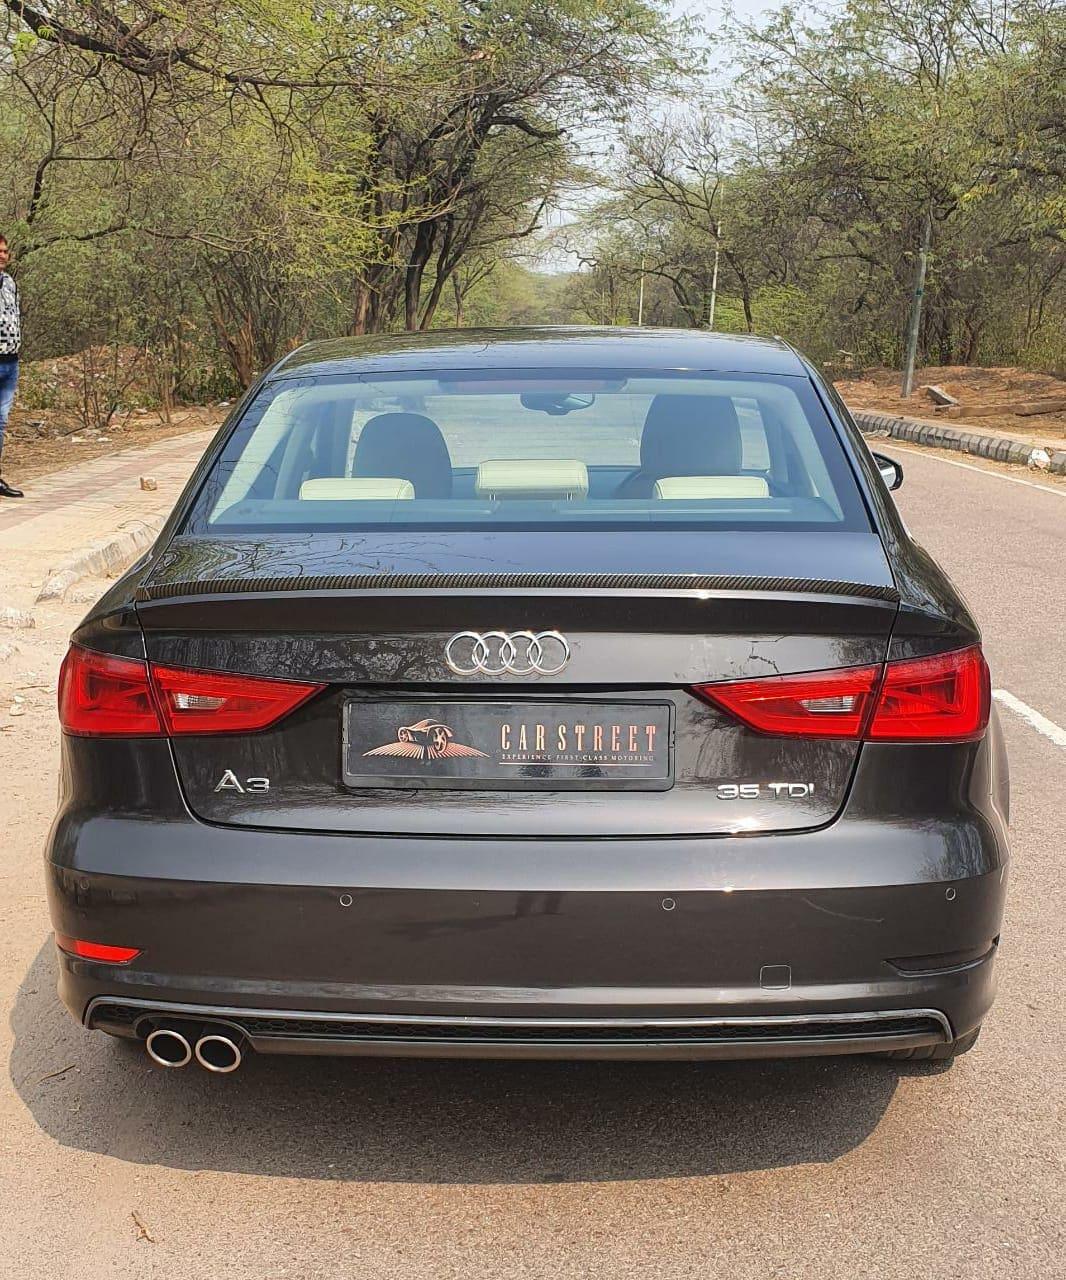 Audi A3 2014-2017 35 TDI Premium Plus